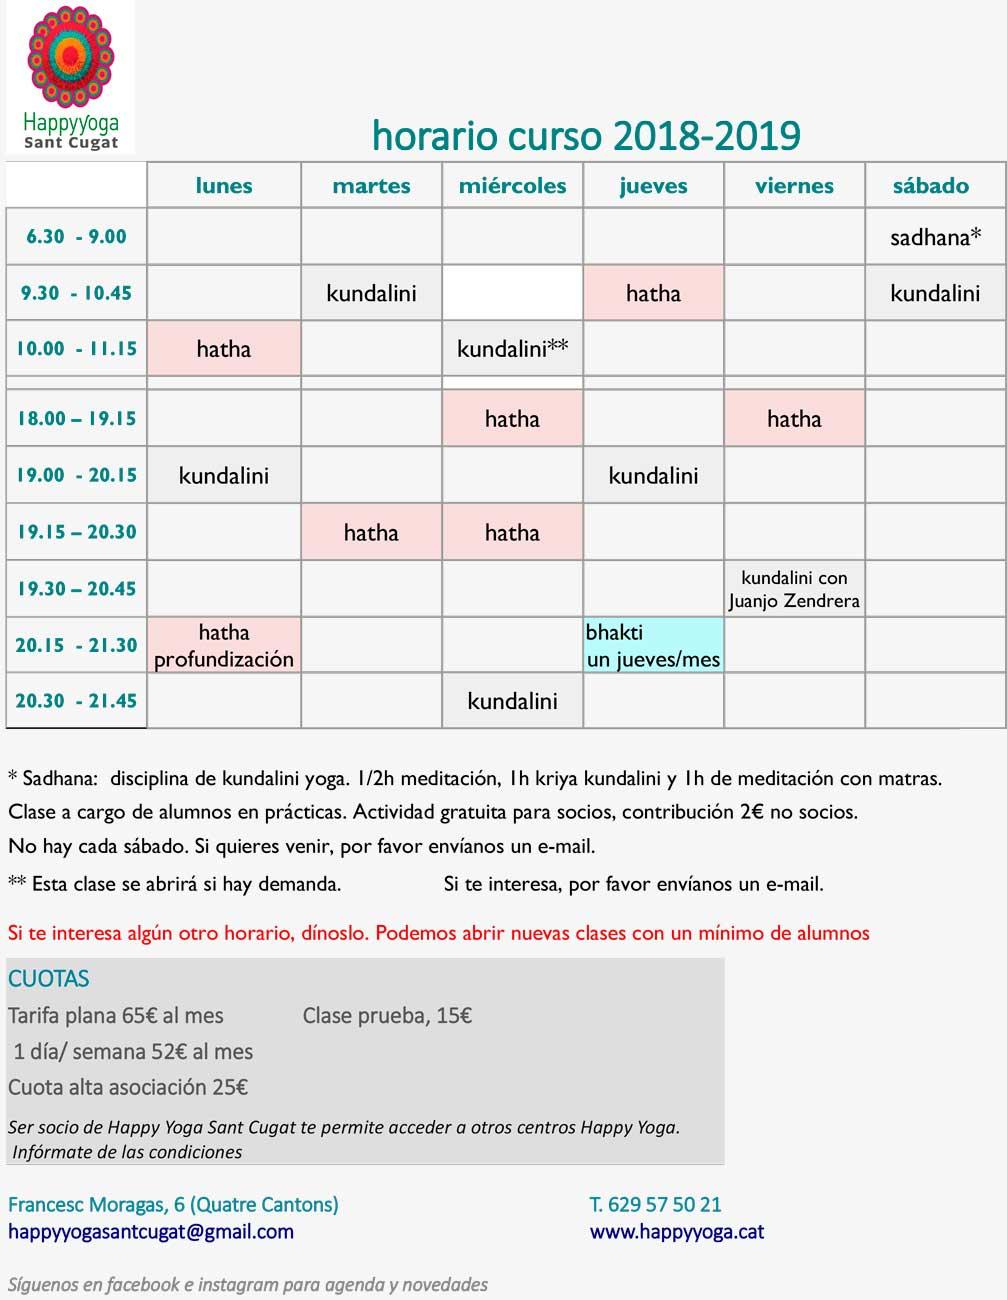 horario-curso-2018-2019-mod-nov